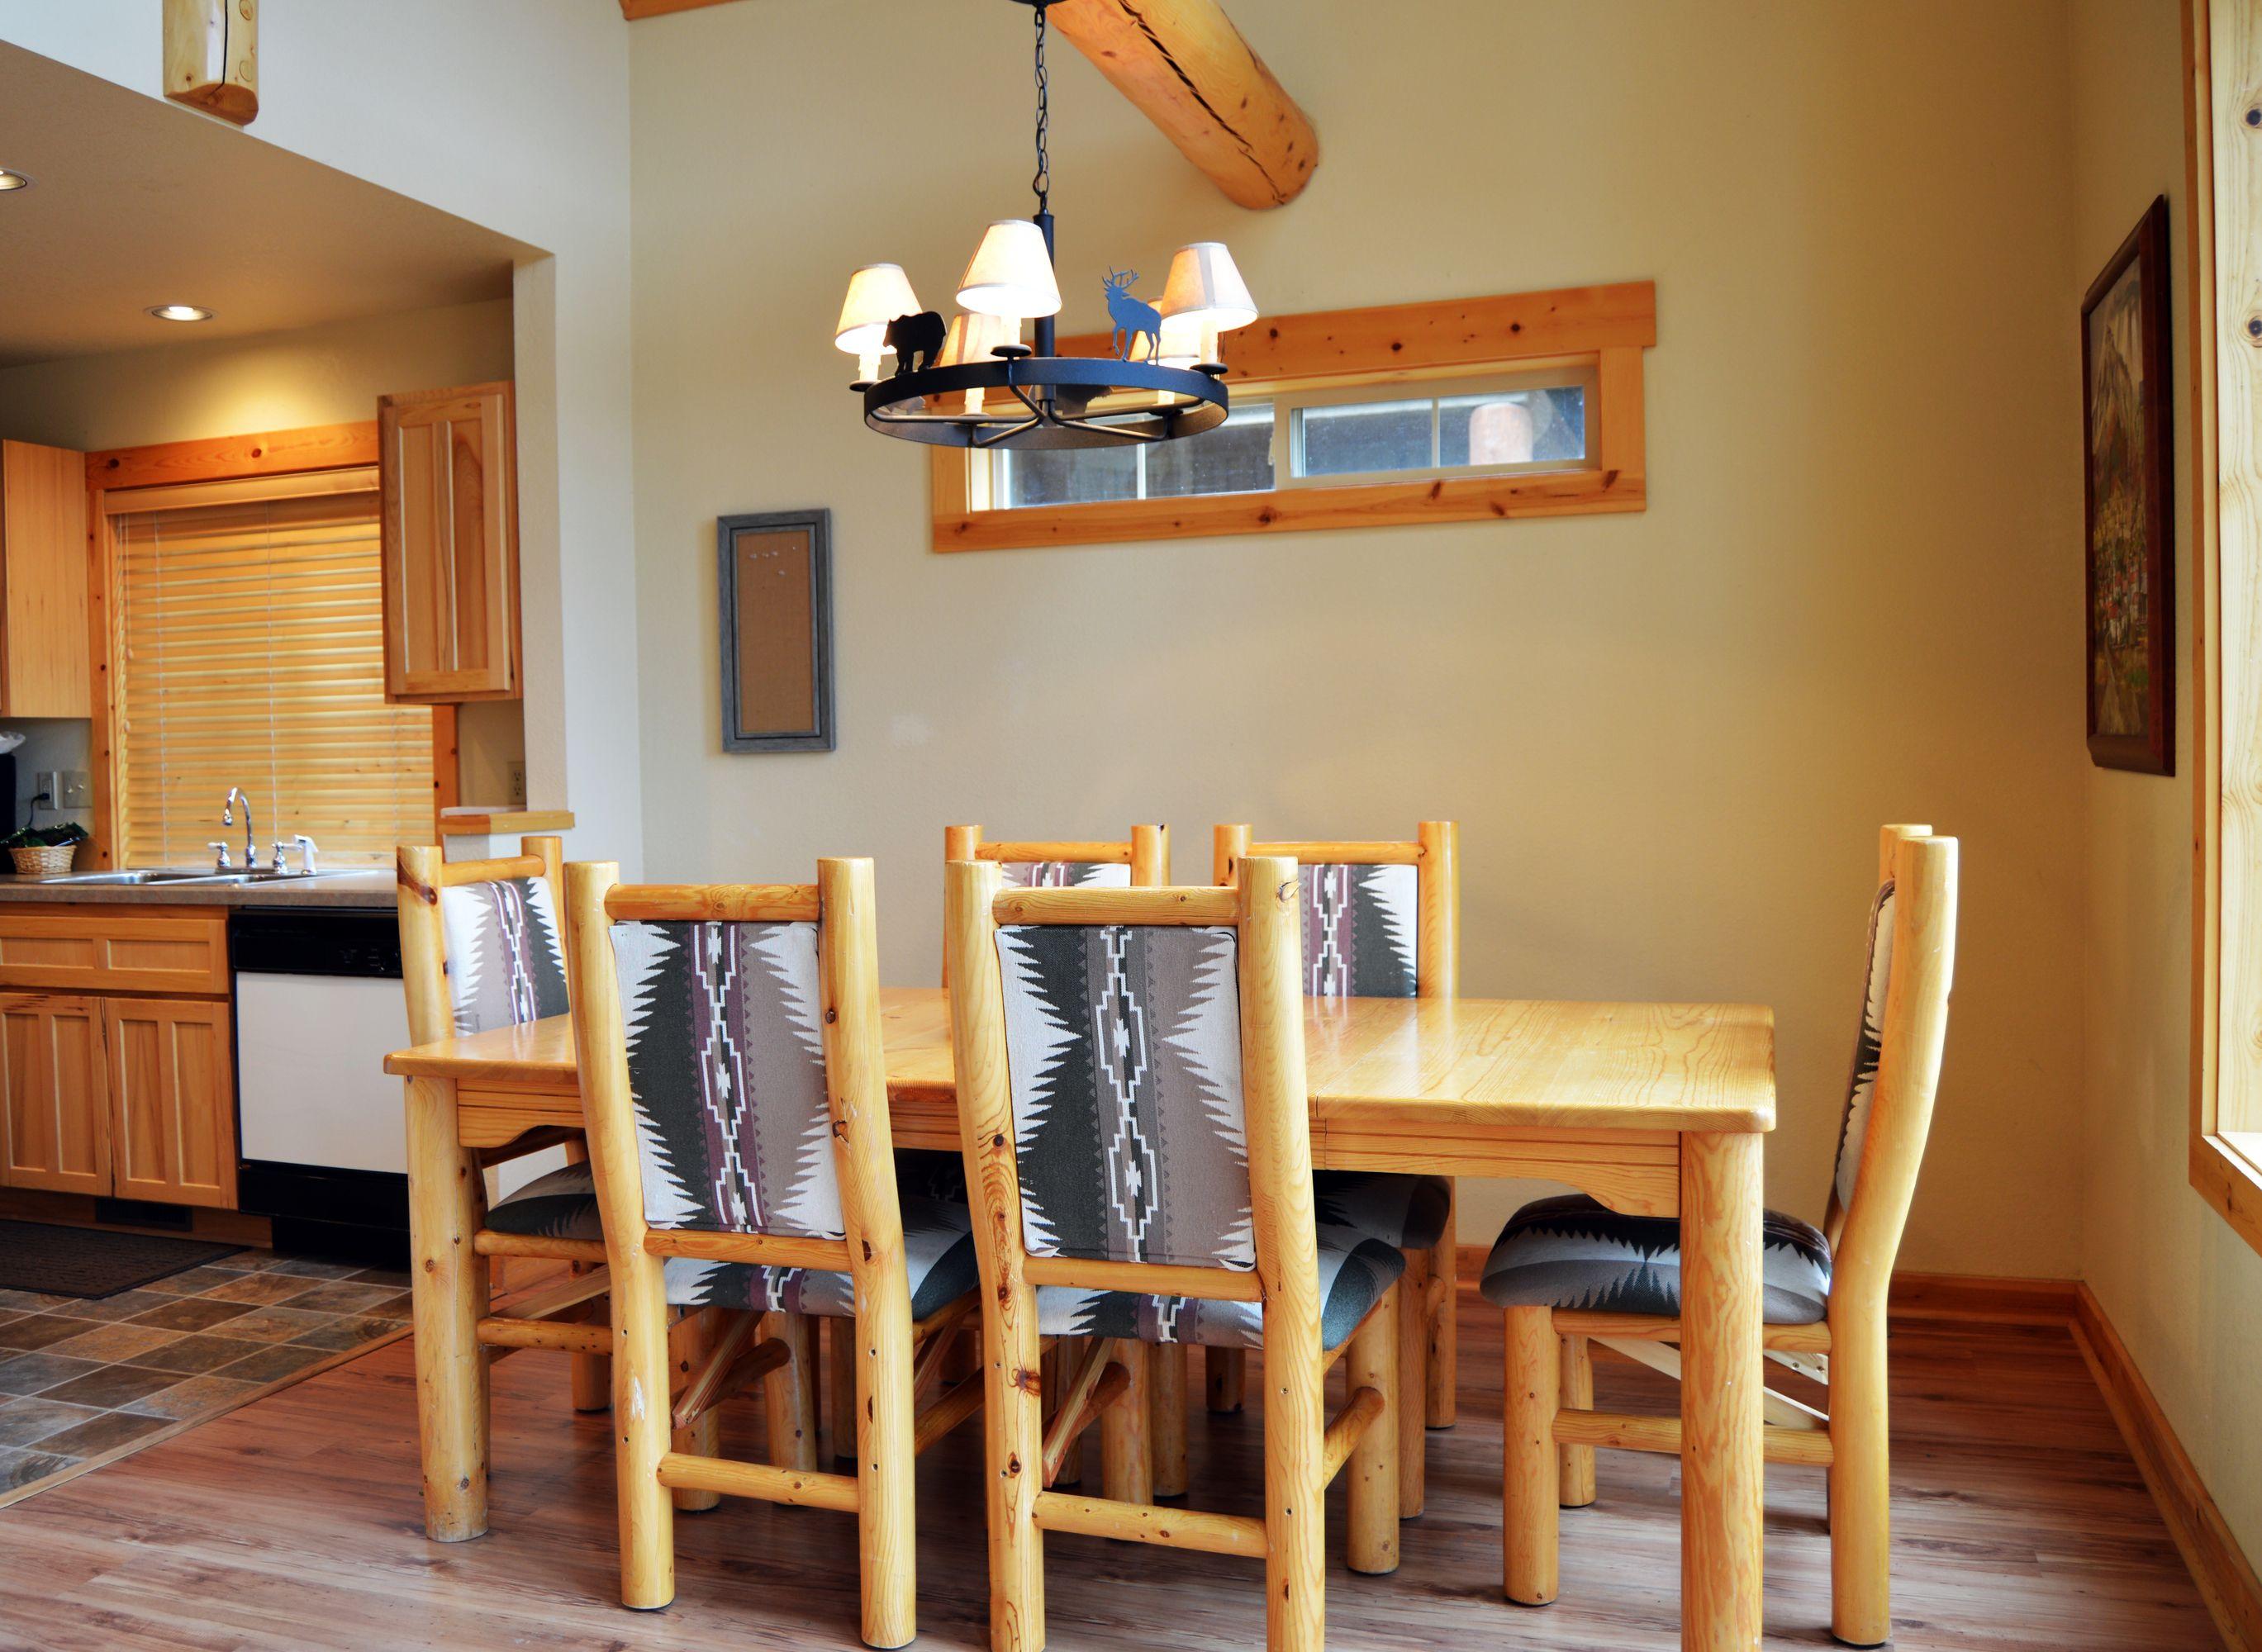 Running Y Ranch Resort Vacation Rentals, located in